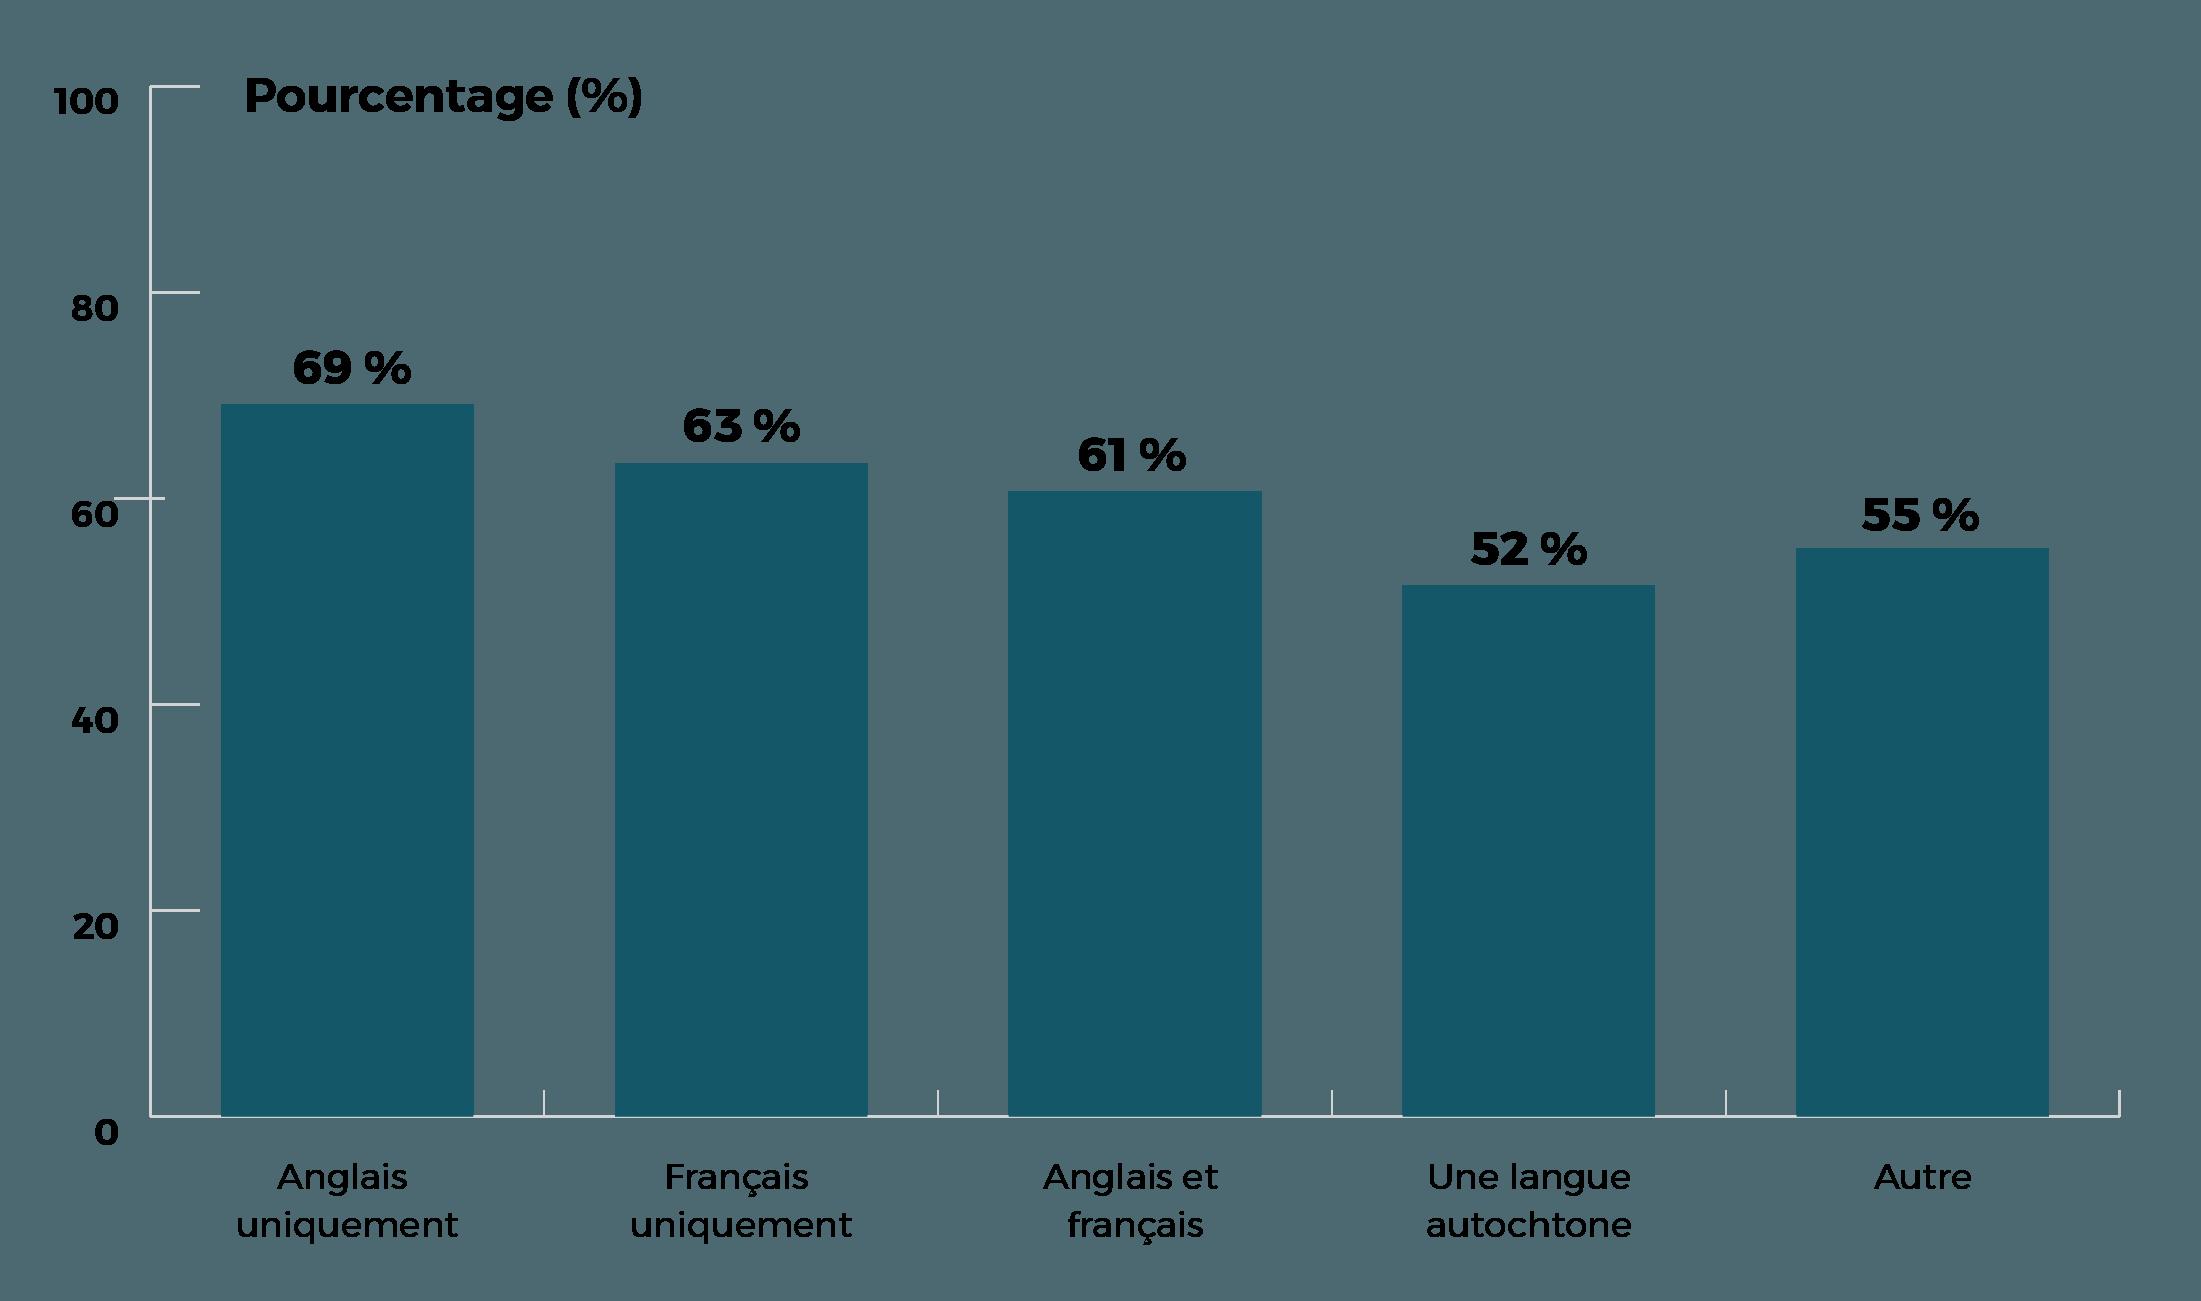 Anglophones ont taux de 69%, francophone 63%, bilingue 61%, langue autochtone 52%, autre 55%